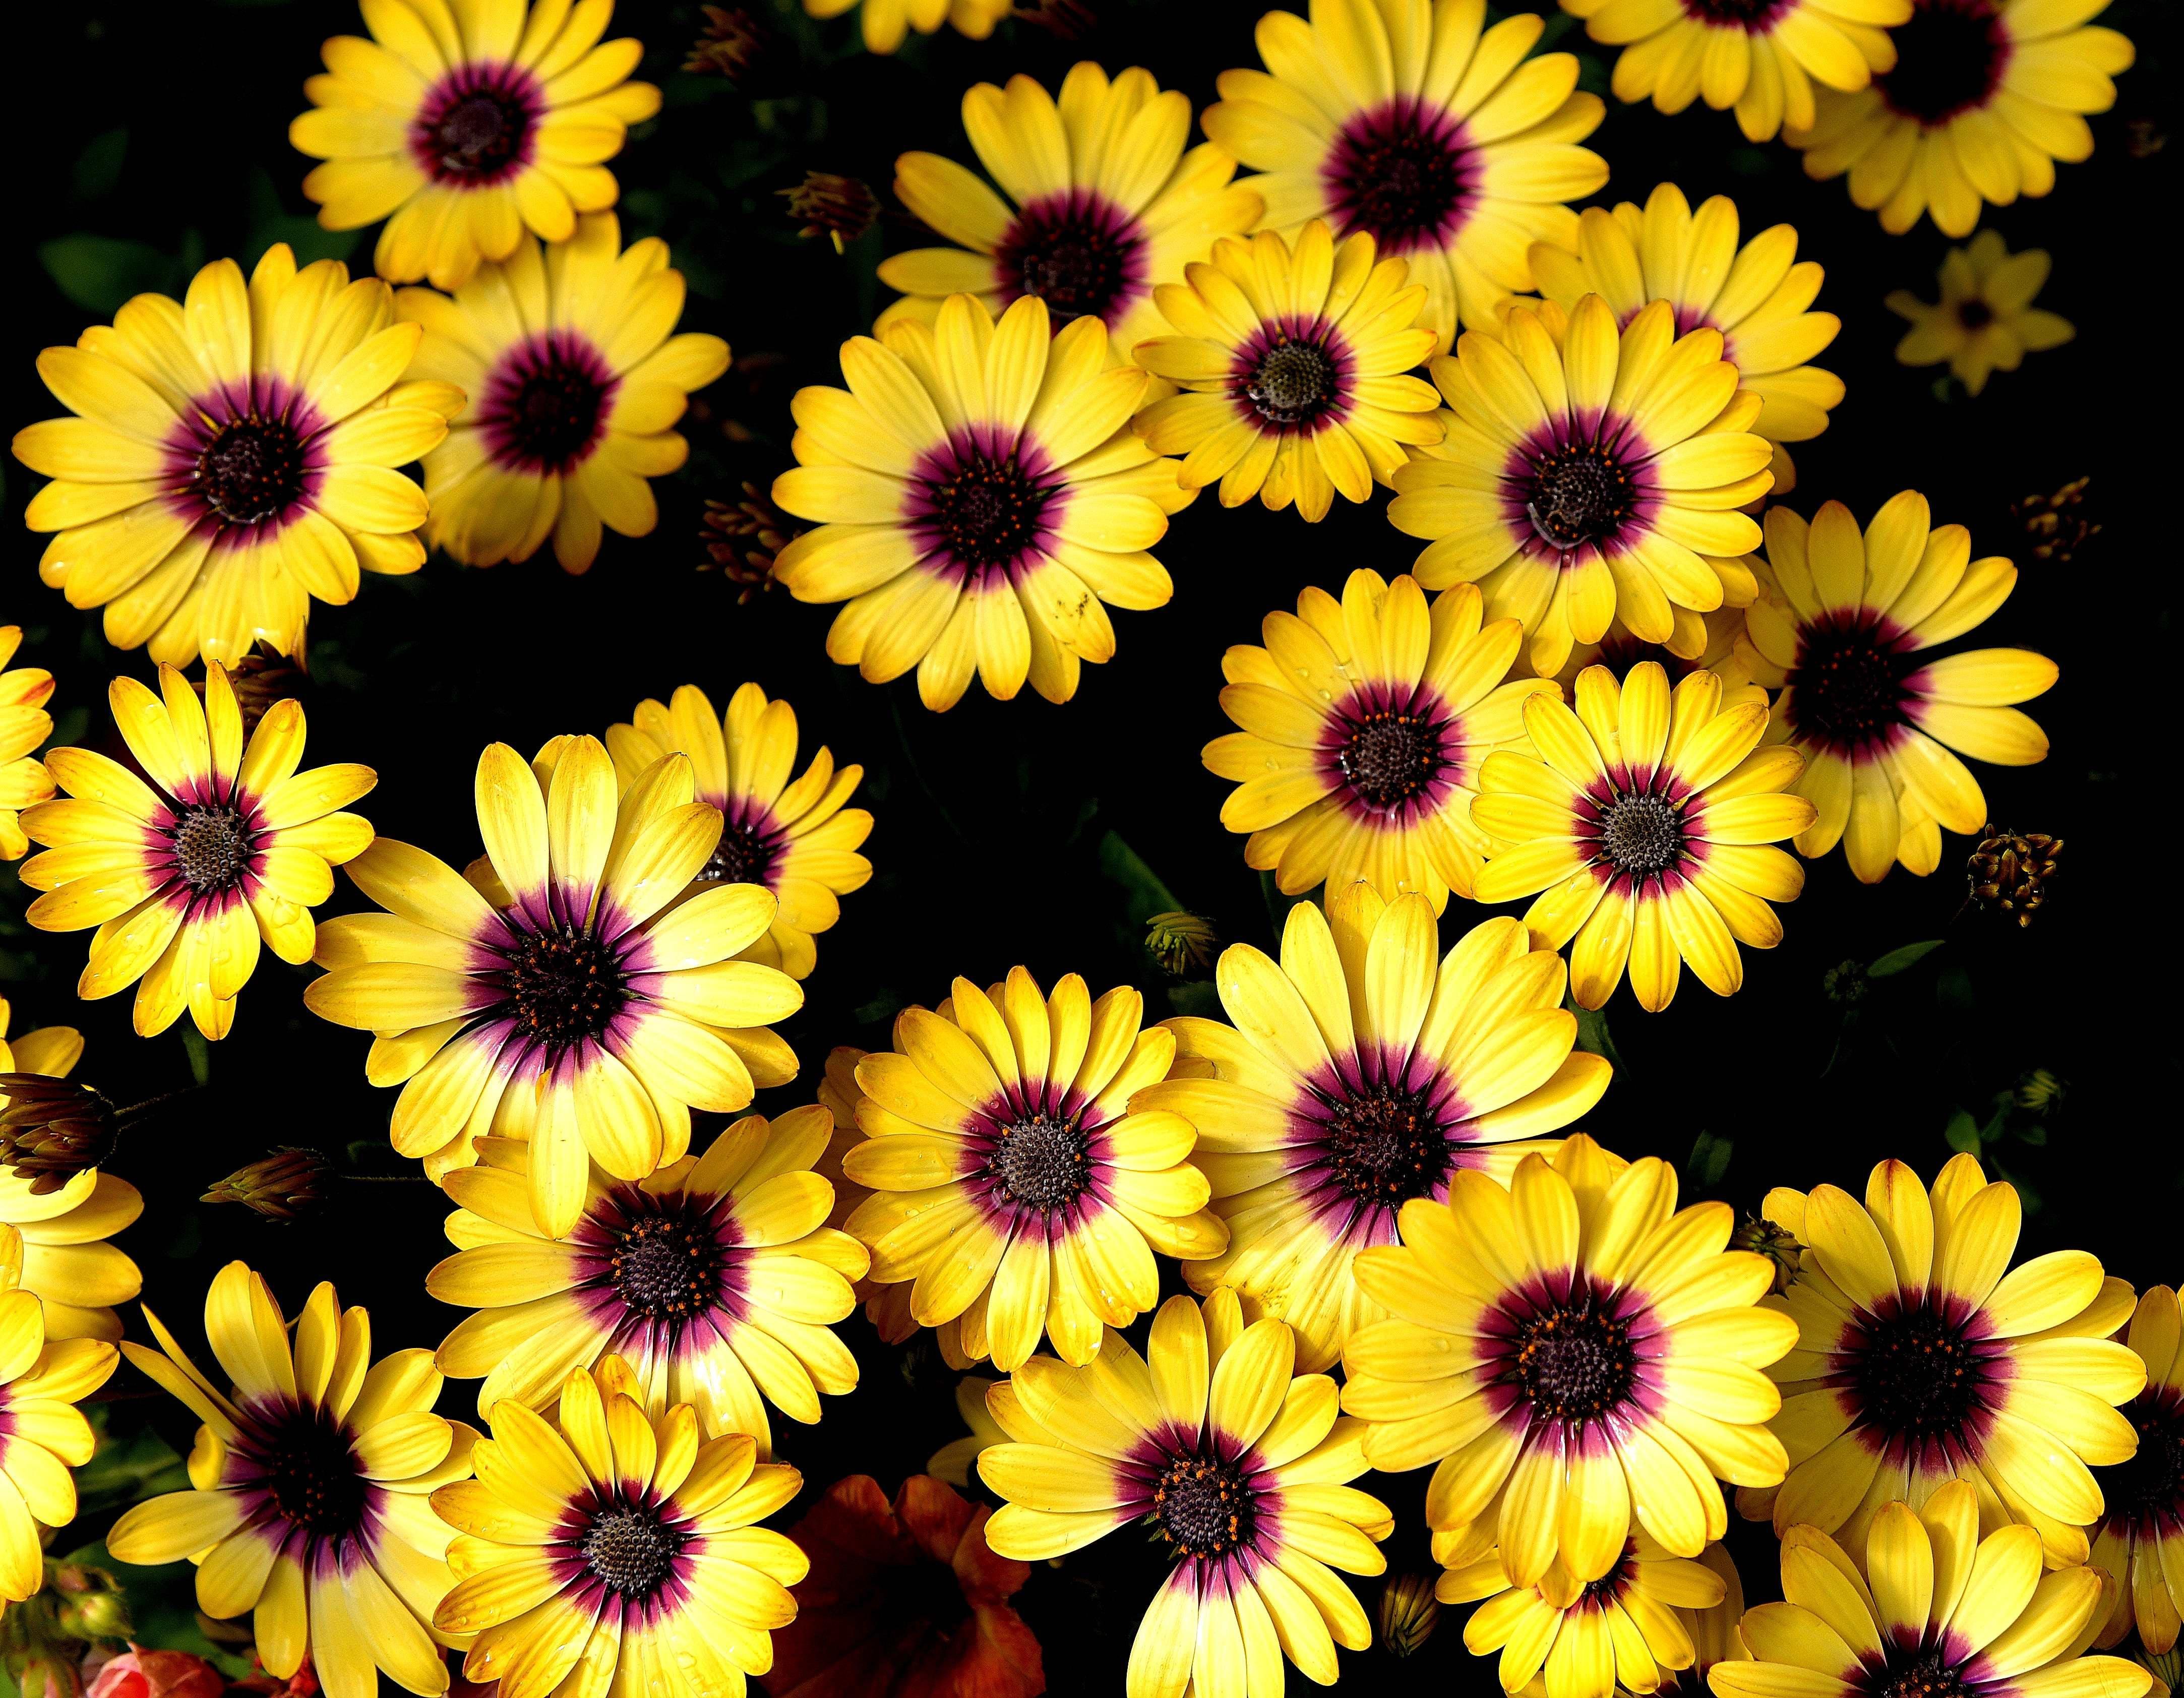 Δωρεάν στοκ φωτογραφιών με λουλούδι, ταπετσαρία φύσης, φύση